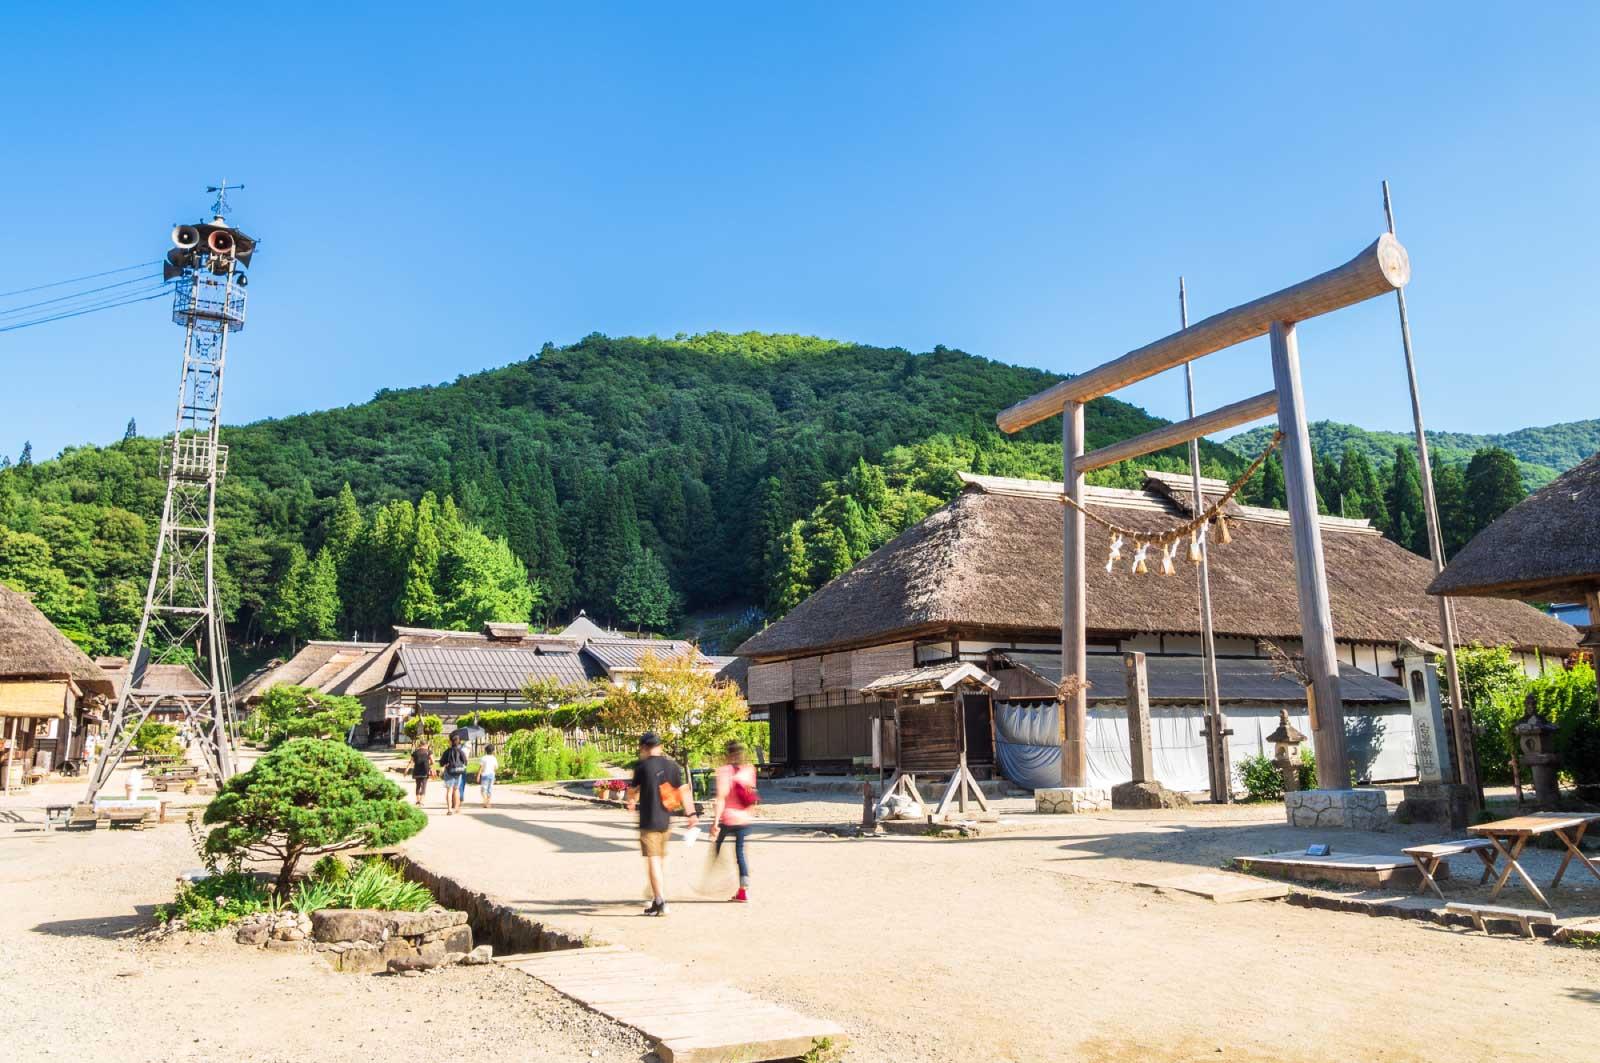 福島県で1位、2位を争うほどの人気スポット